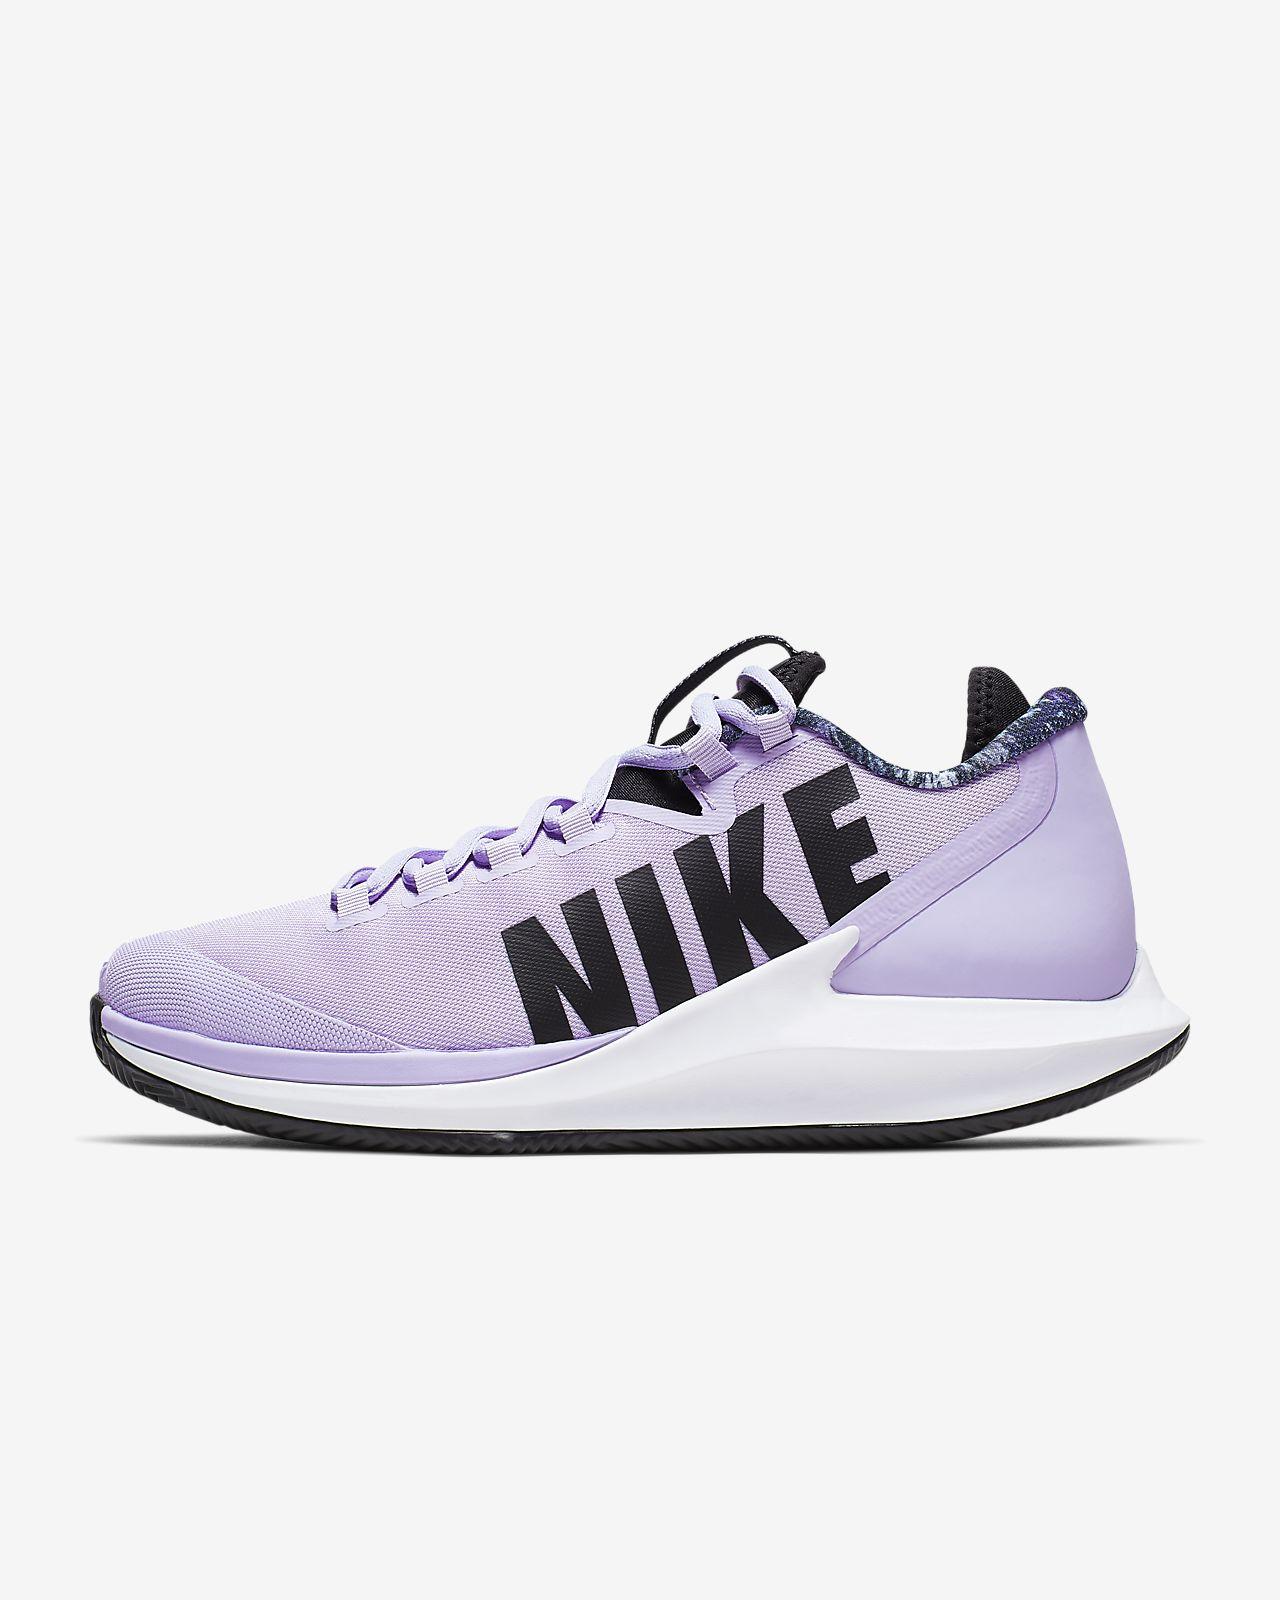 Chaussure Battue Femme Air Tennis Pour Terre Nikecourt Zoom Zero De zMVpUqS